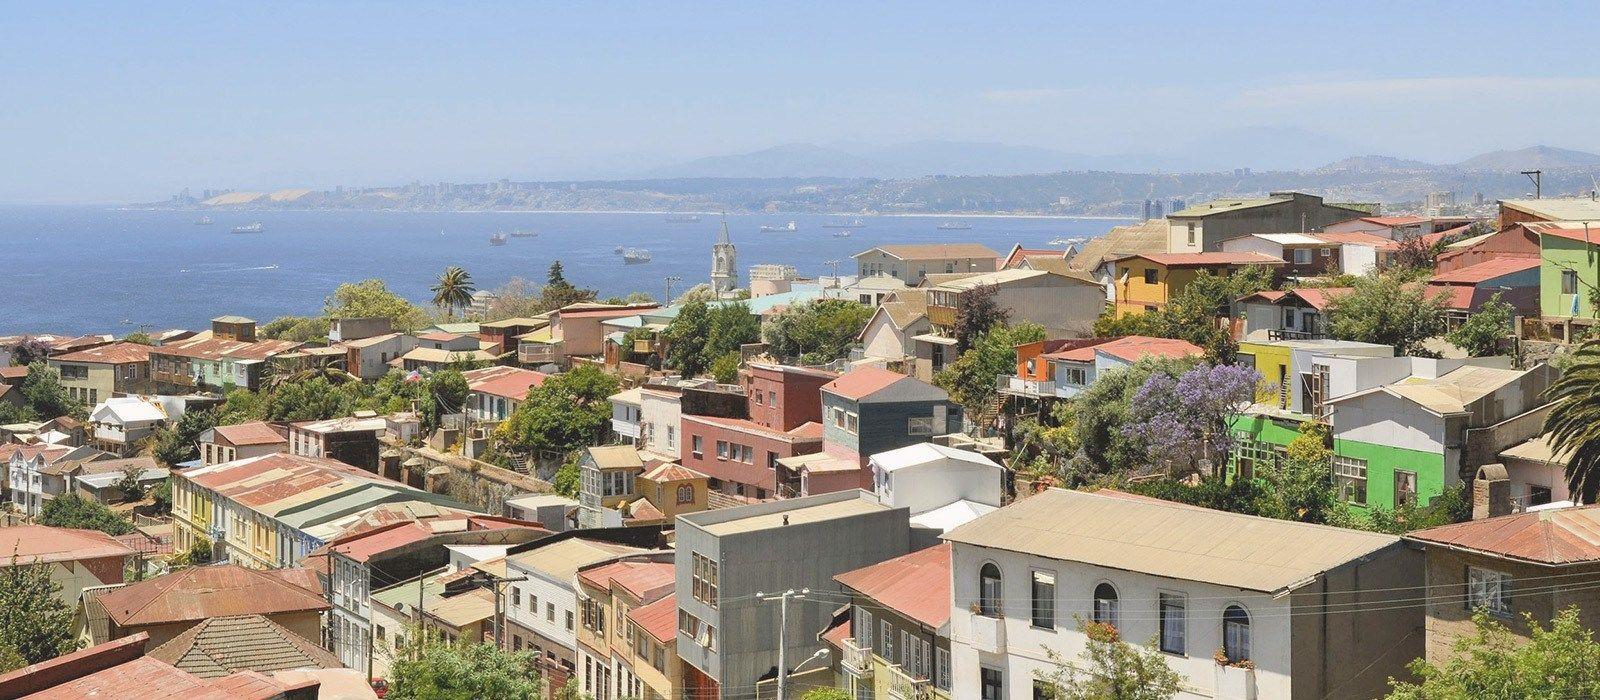 Destination Valparaíso Chile